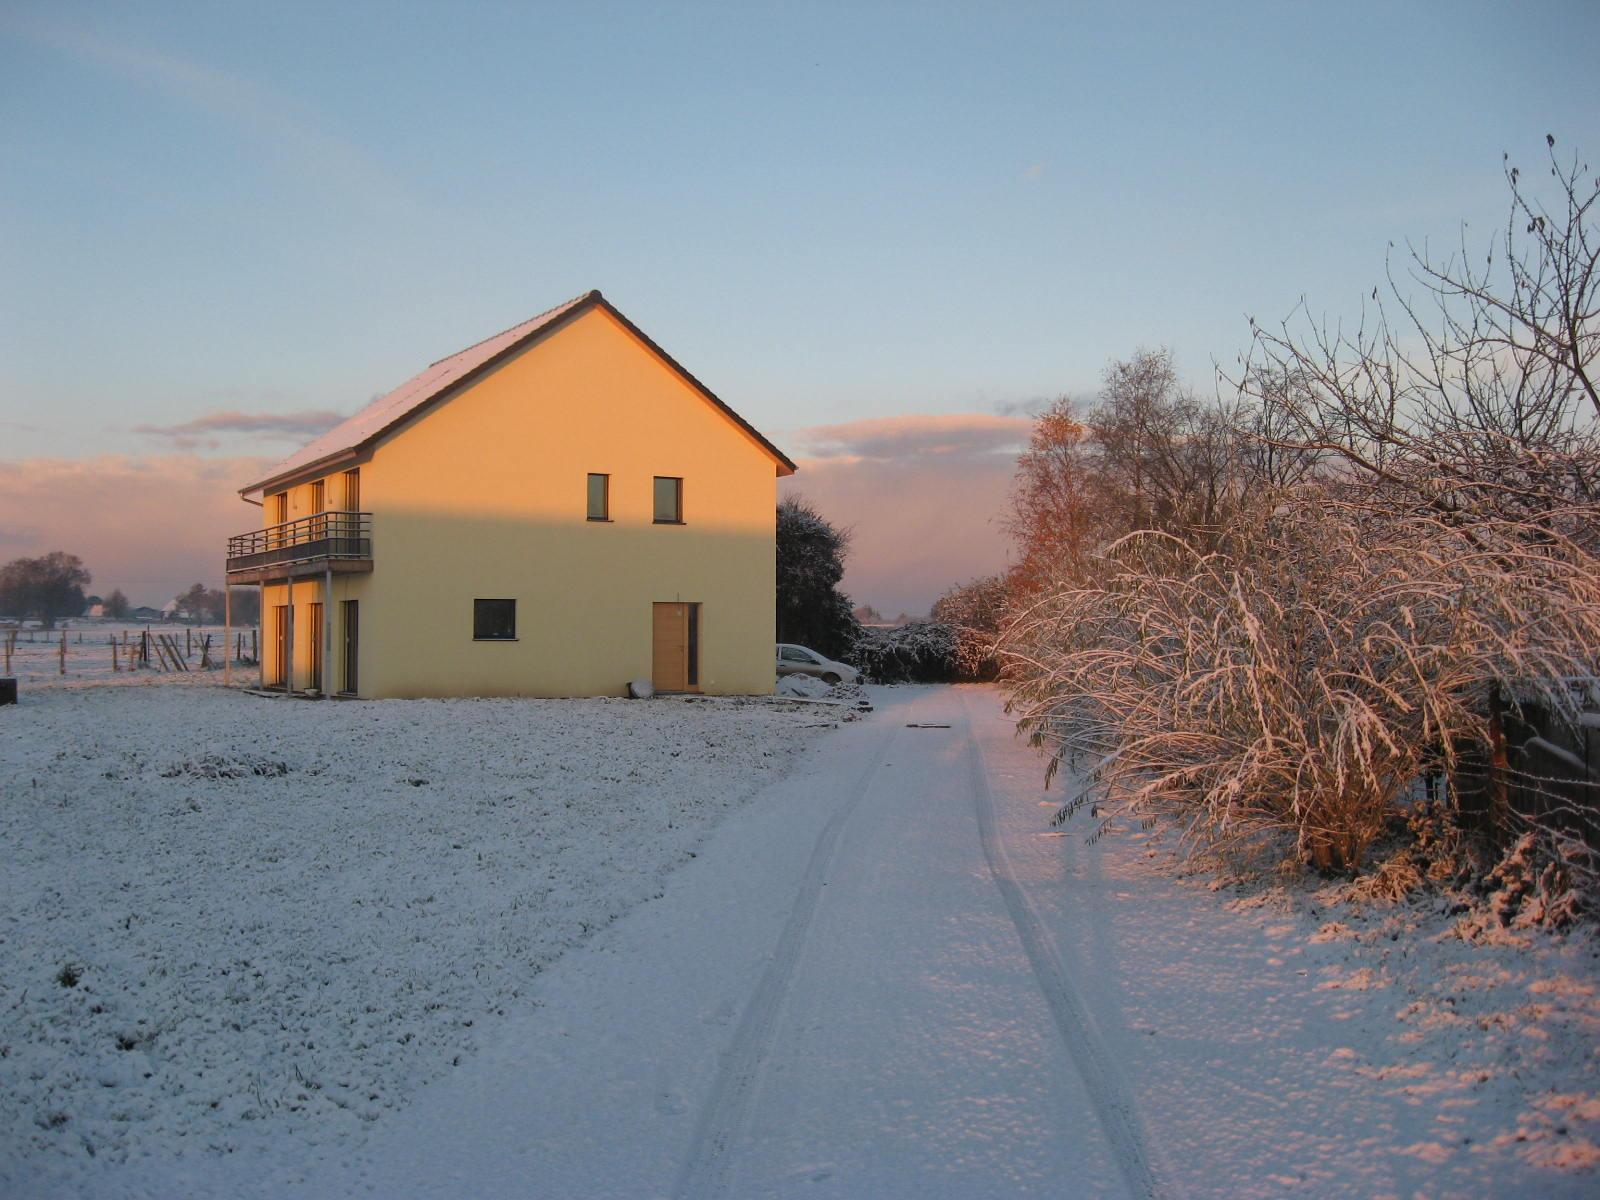 Consommation maison passive hiver 2015 40 sous le bbc - Combien consomme une maison en kwh ...